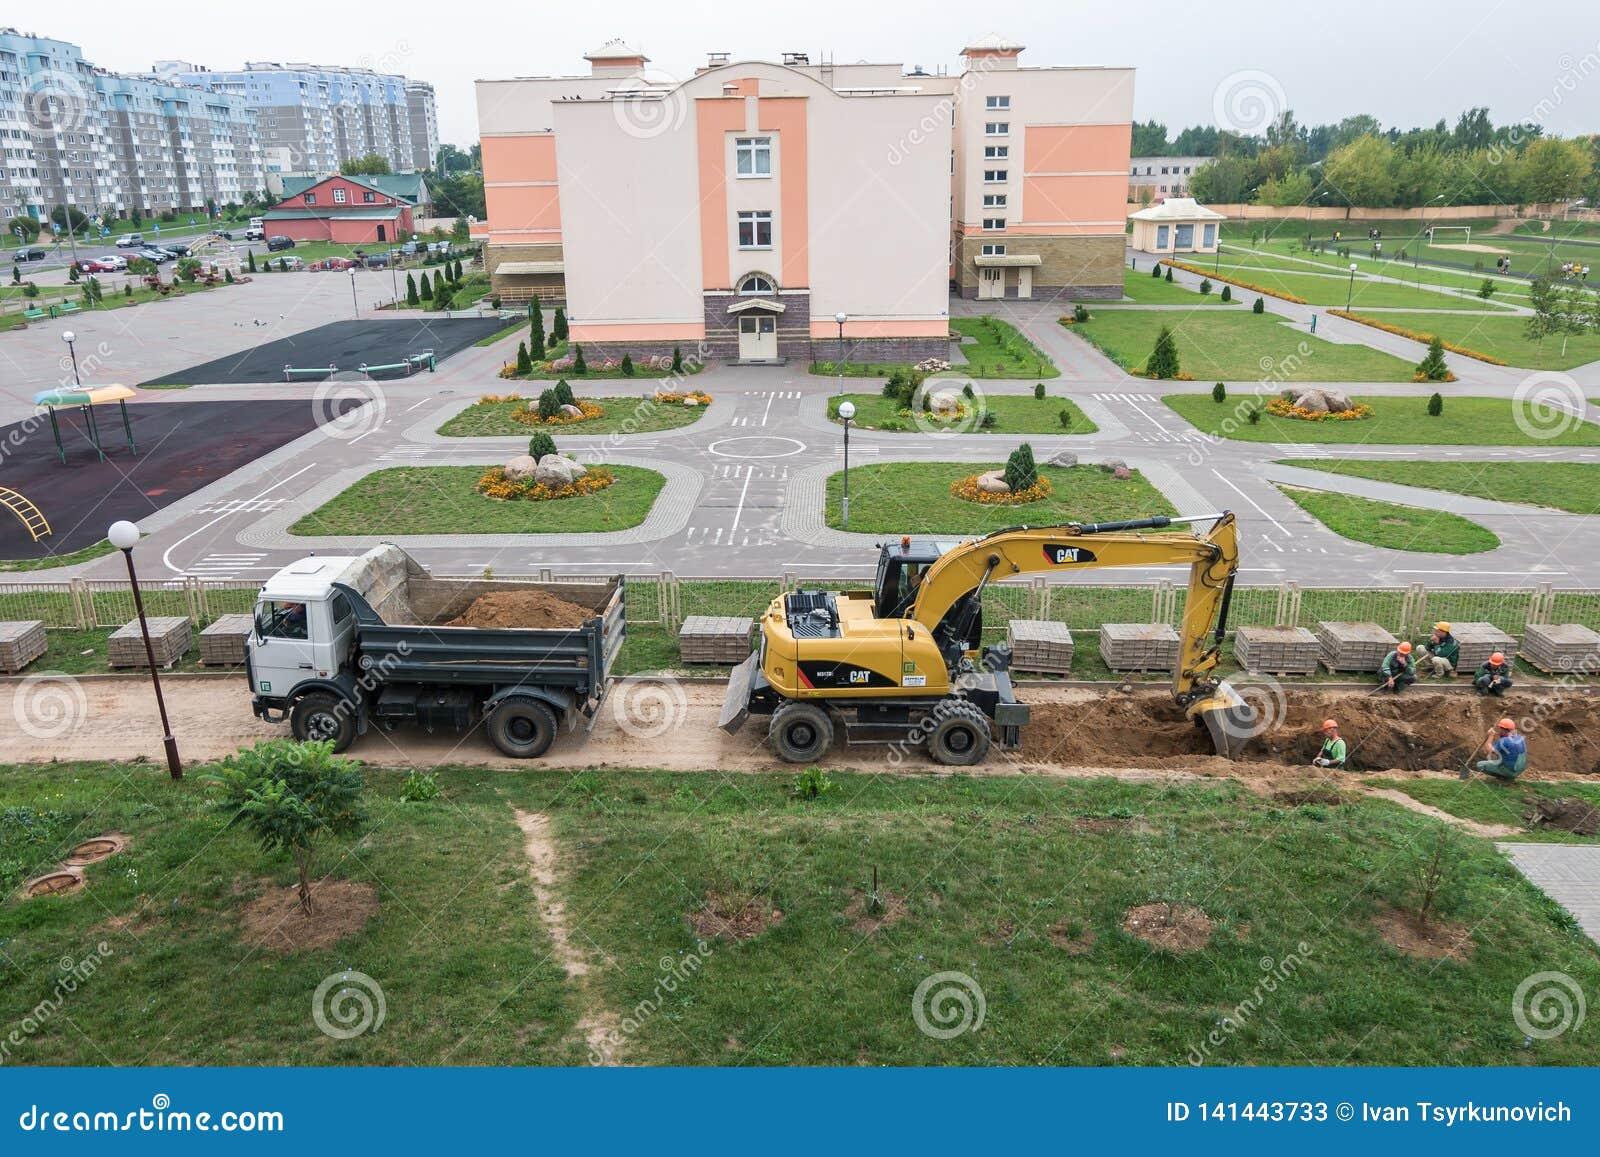 ΓΚΡΟΝΤΝΟ, ΛΕΥΚΟΡΩΣΙΑ - ΤΟ ΣΕΠΤΈΜΒΡΙΟ ΤΟΥ 2018: Ο εκσκαφέας σκάβει ένα κοίλωμα και φορτώνει την άμμο σε ένα φορτηγό απορρίψεων